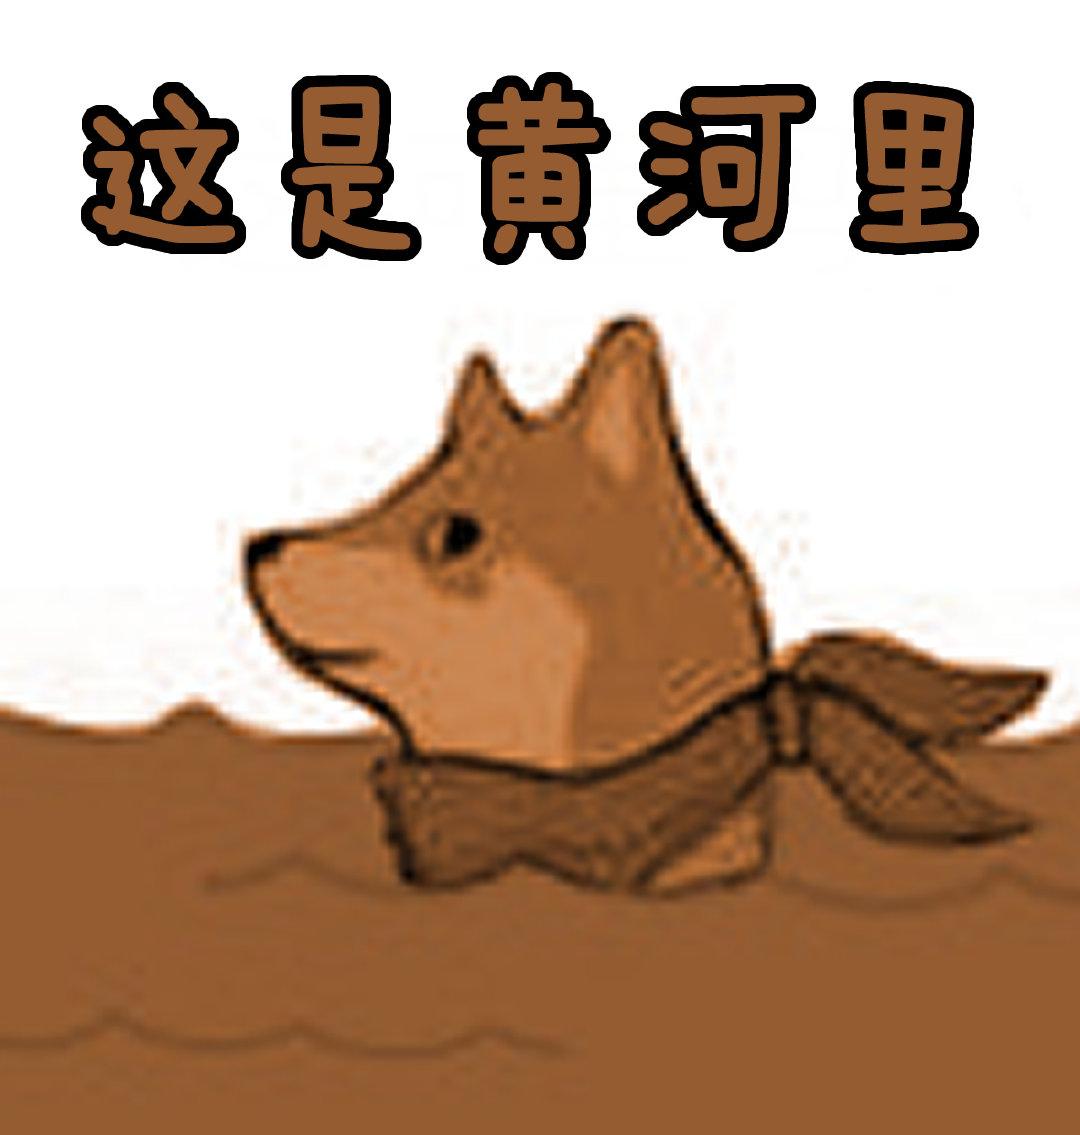 这是黄河里 - 这合理吗 - Mr.Quin 狗头鱼谐音梗表情包